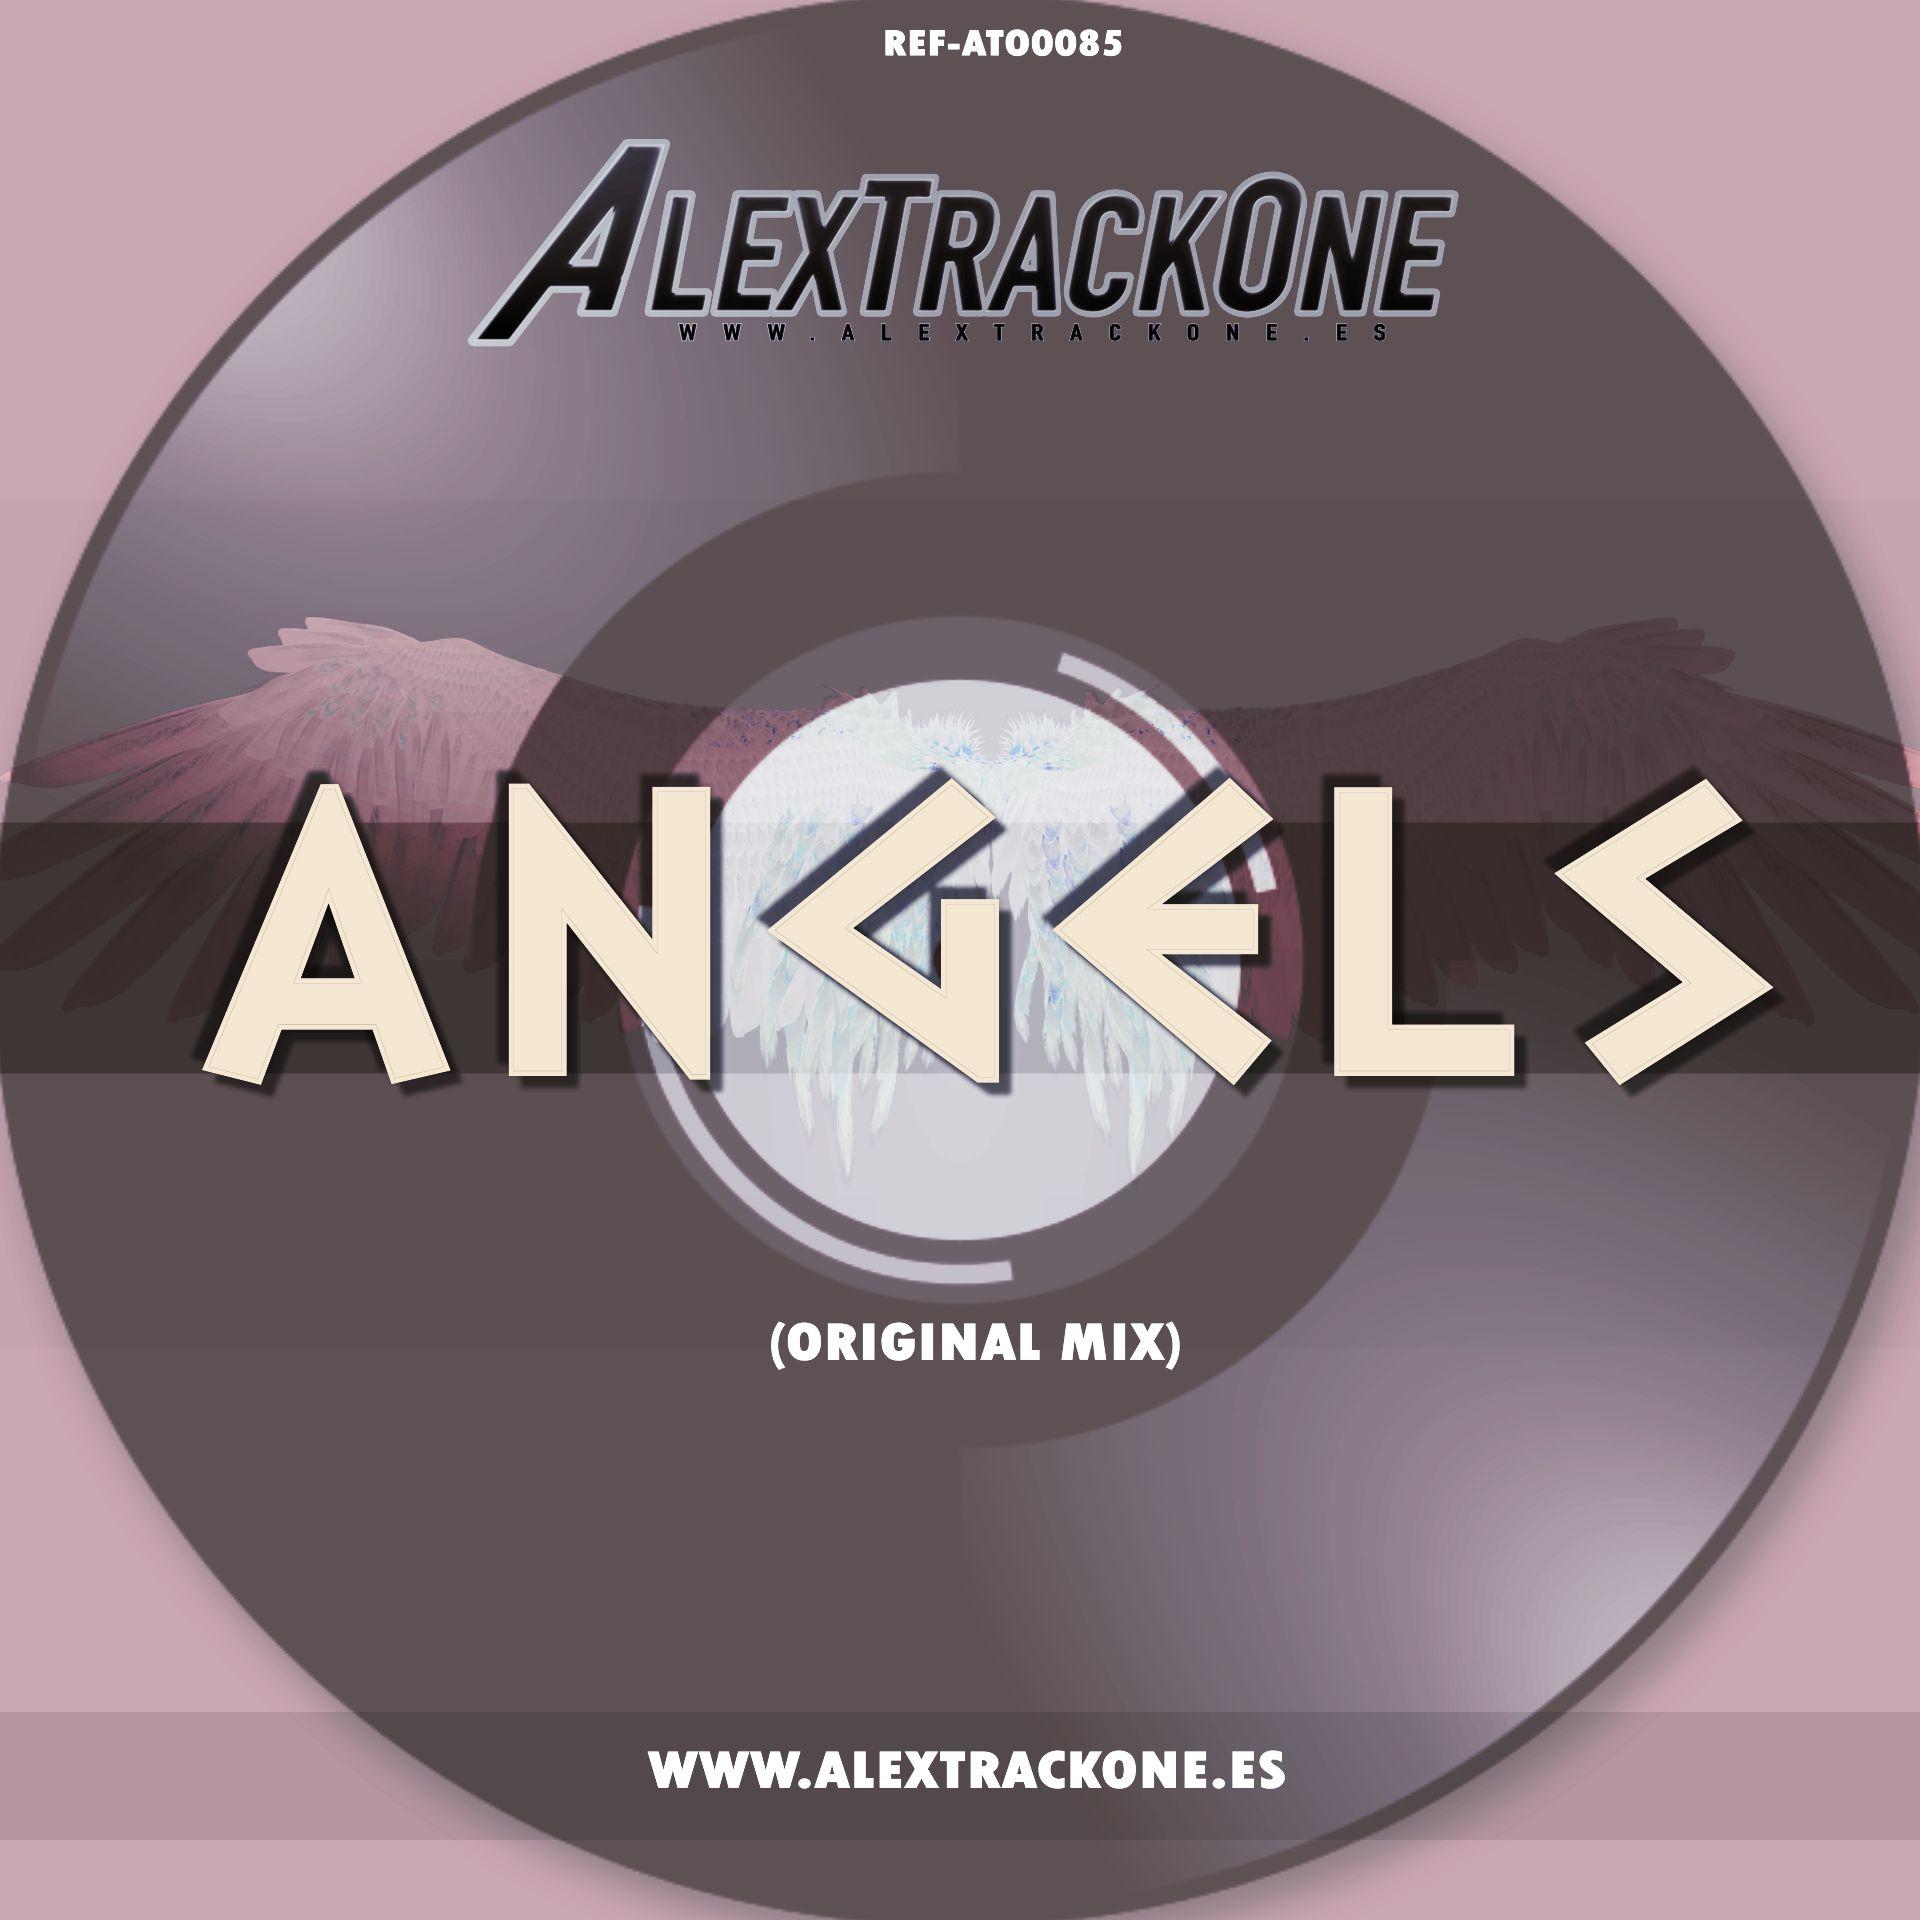 REF-ATO0085 ANGELS (ORIGINAL MIX) (MP3 & WAV & FLAC)